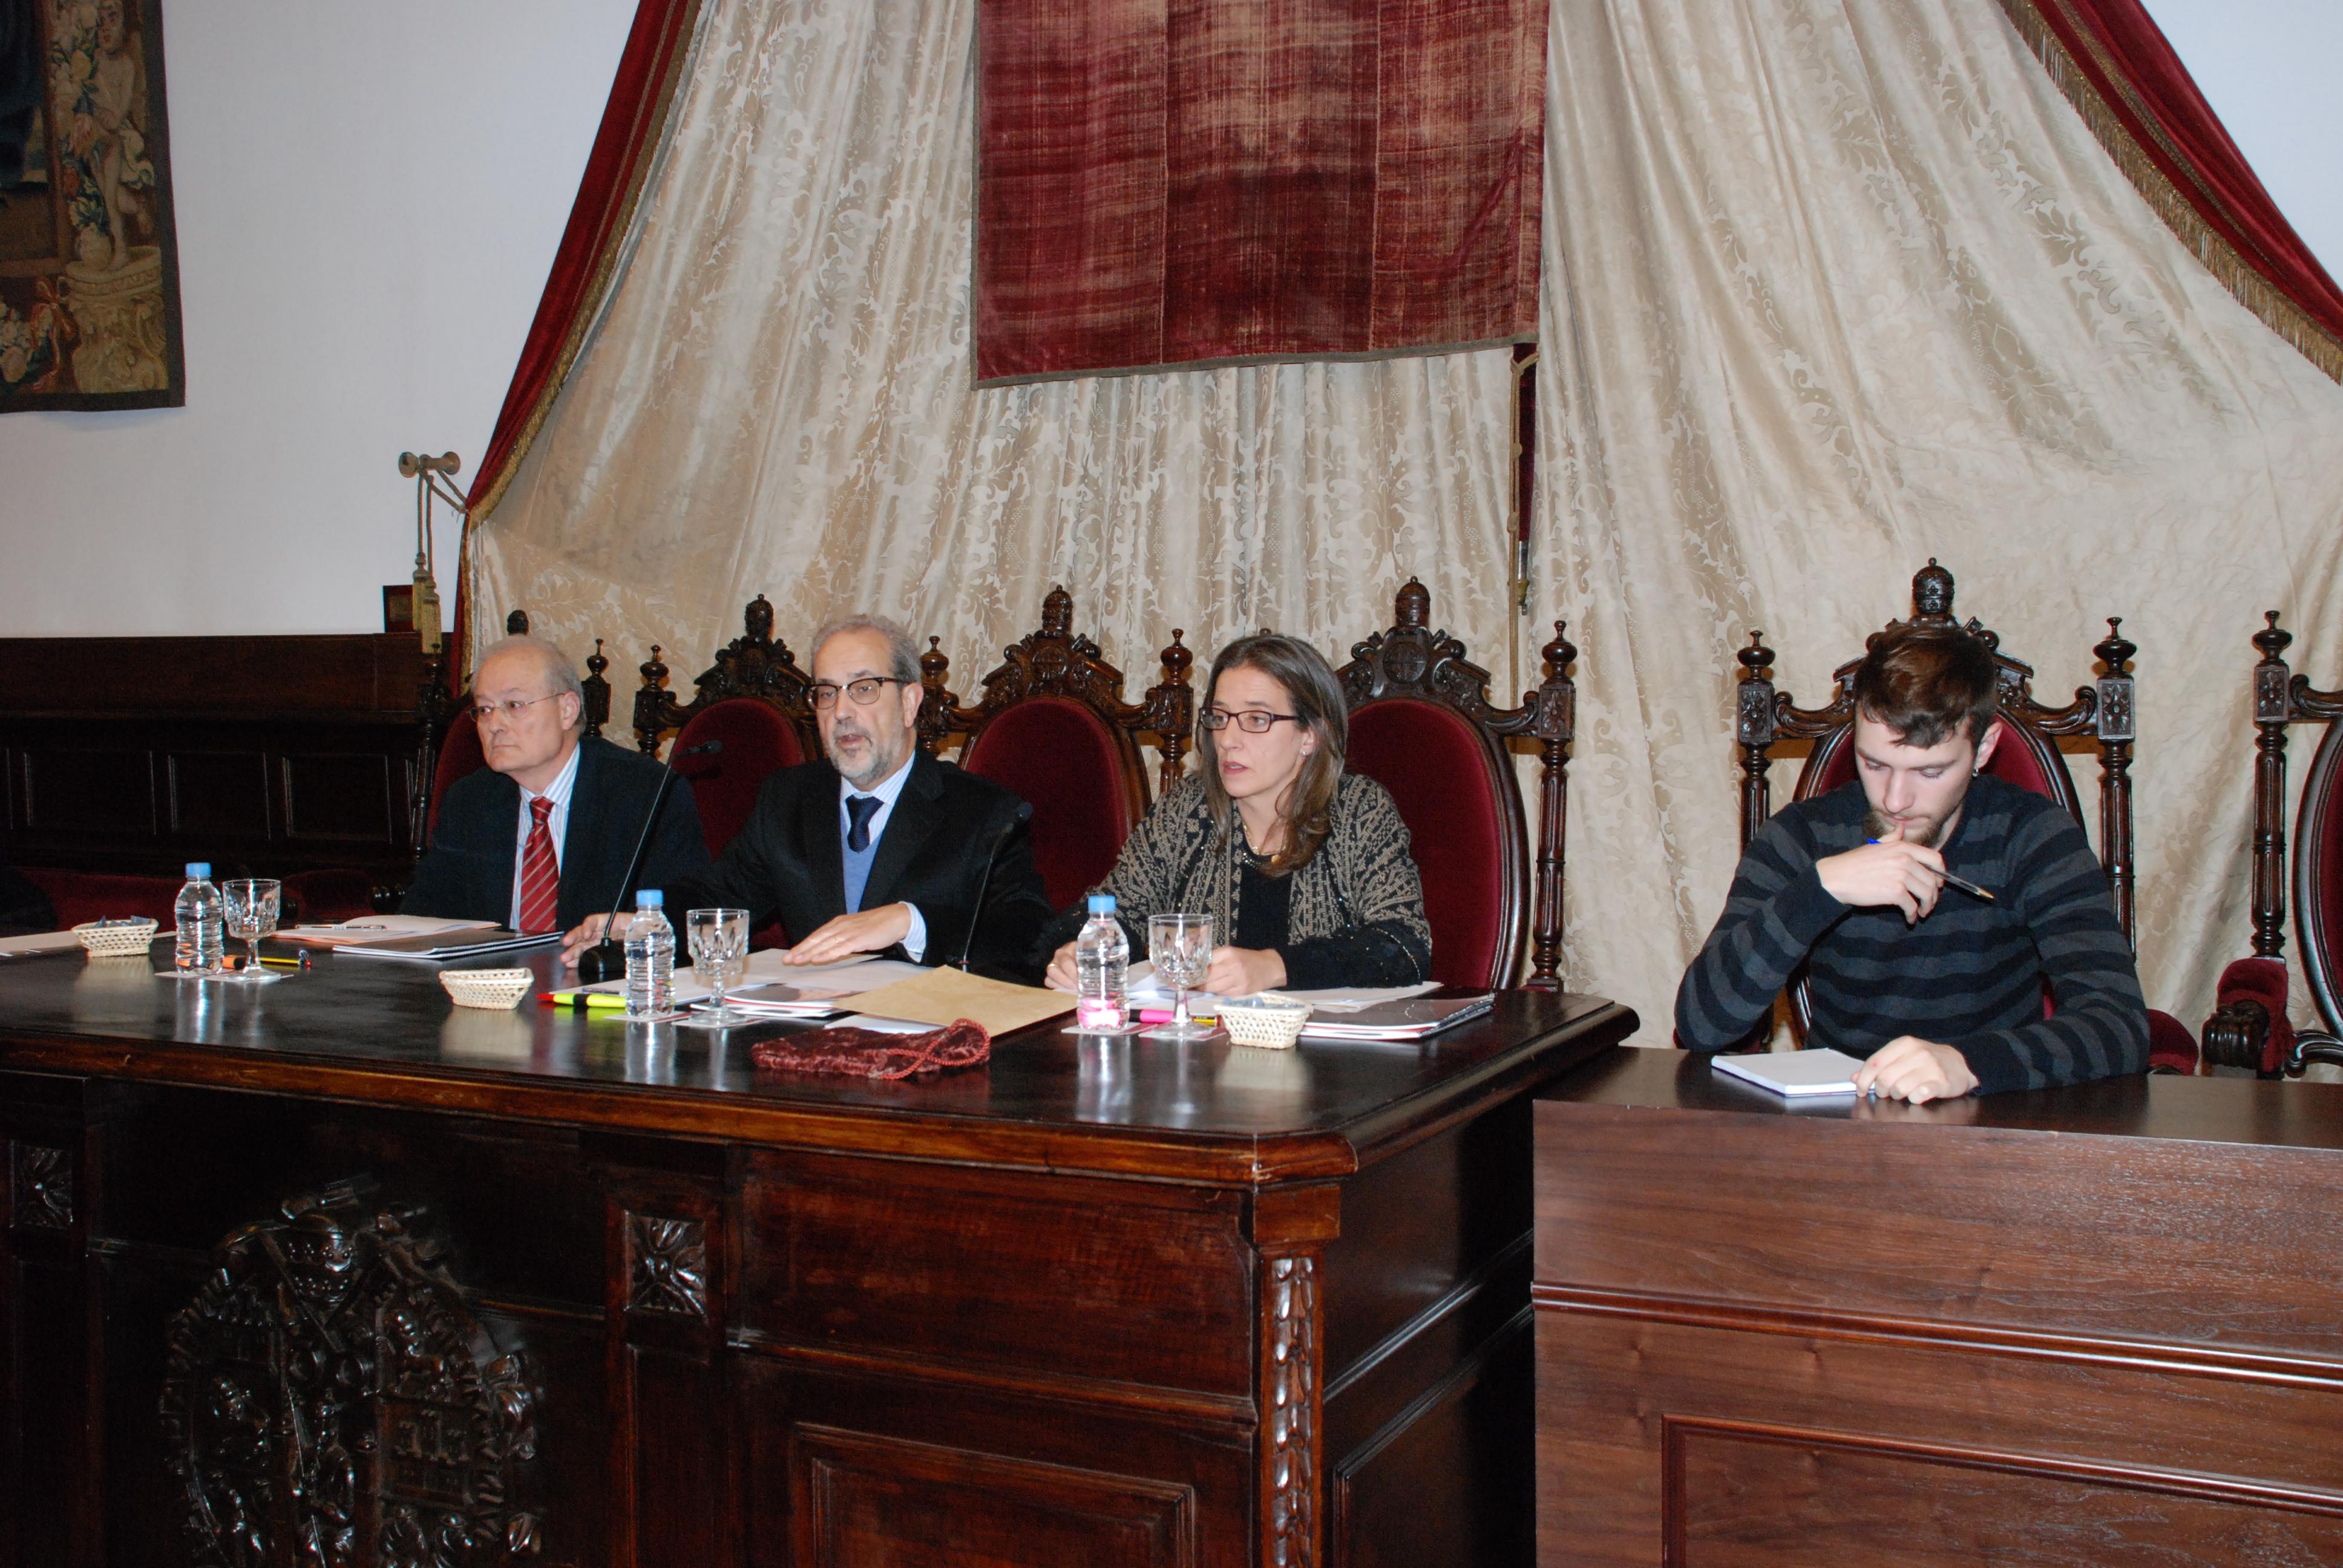 Constituido el nuevo Claustro de la Universidad de Salamanca, surgido de las elecciones celebradas el pasado mes de noviembre